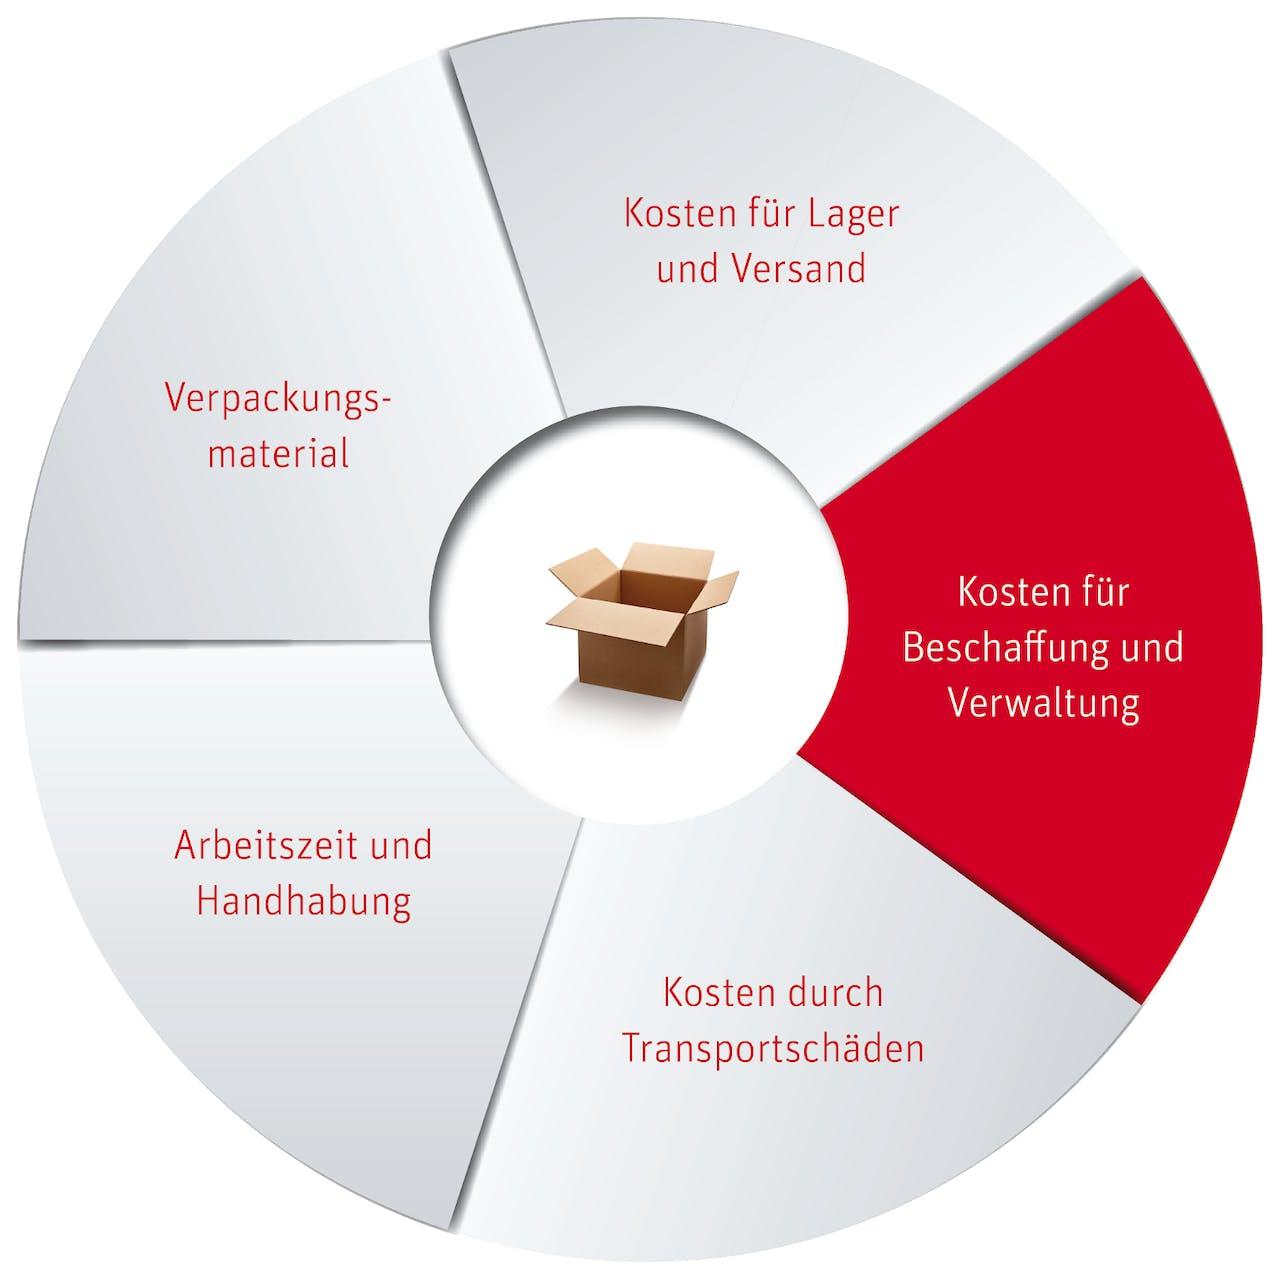 Prozess Verpackungsbeschaffung Kreisdiagramm